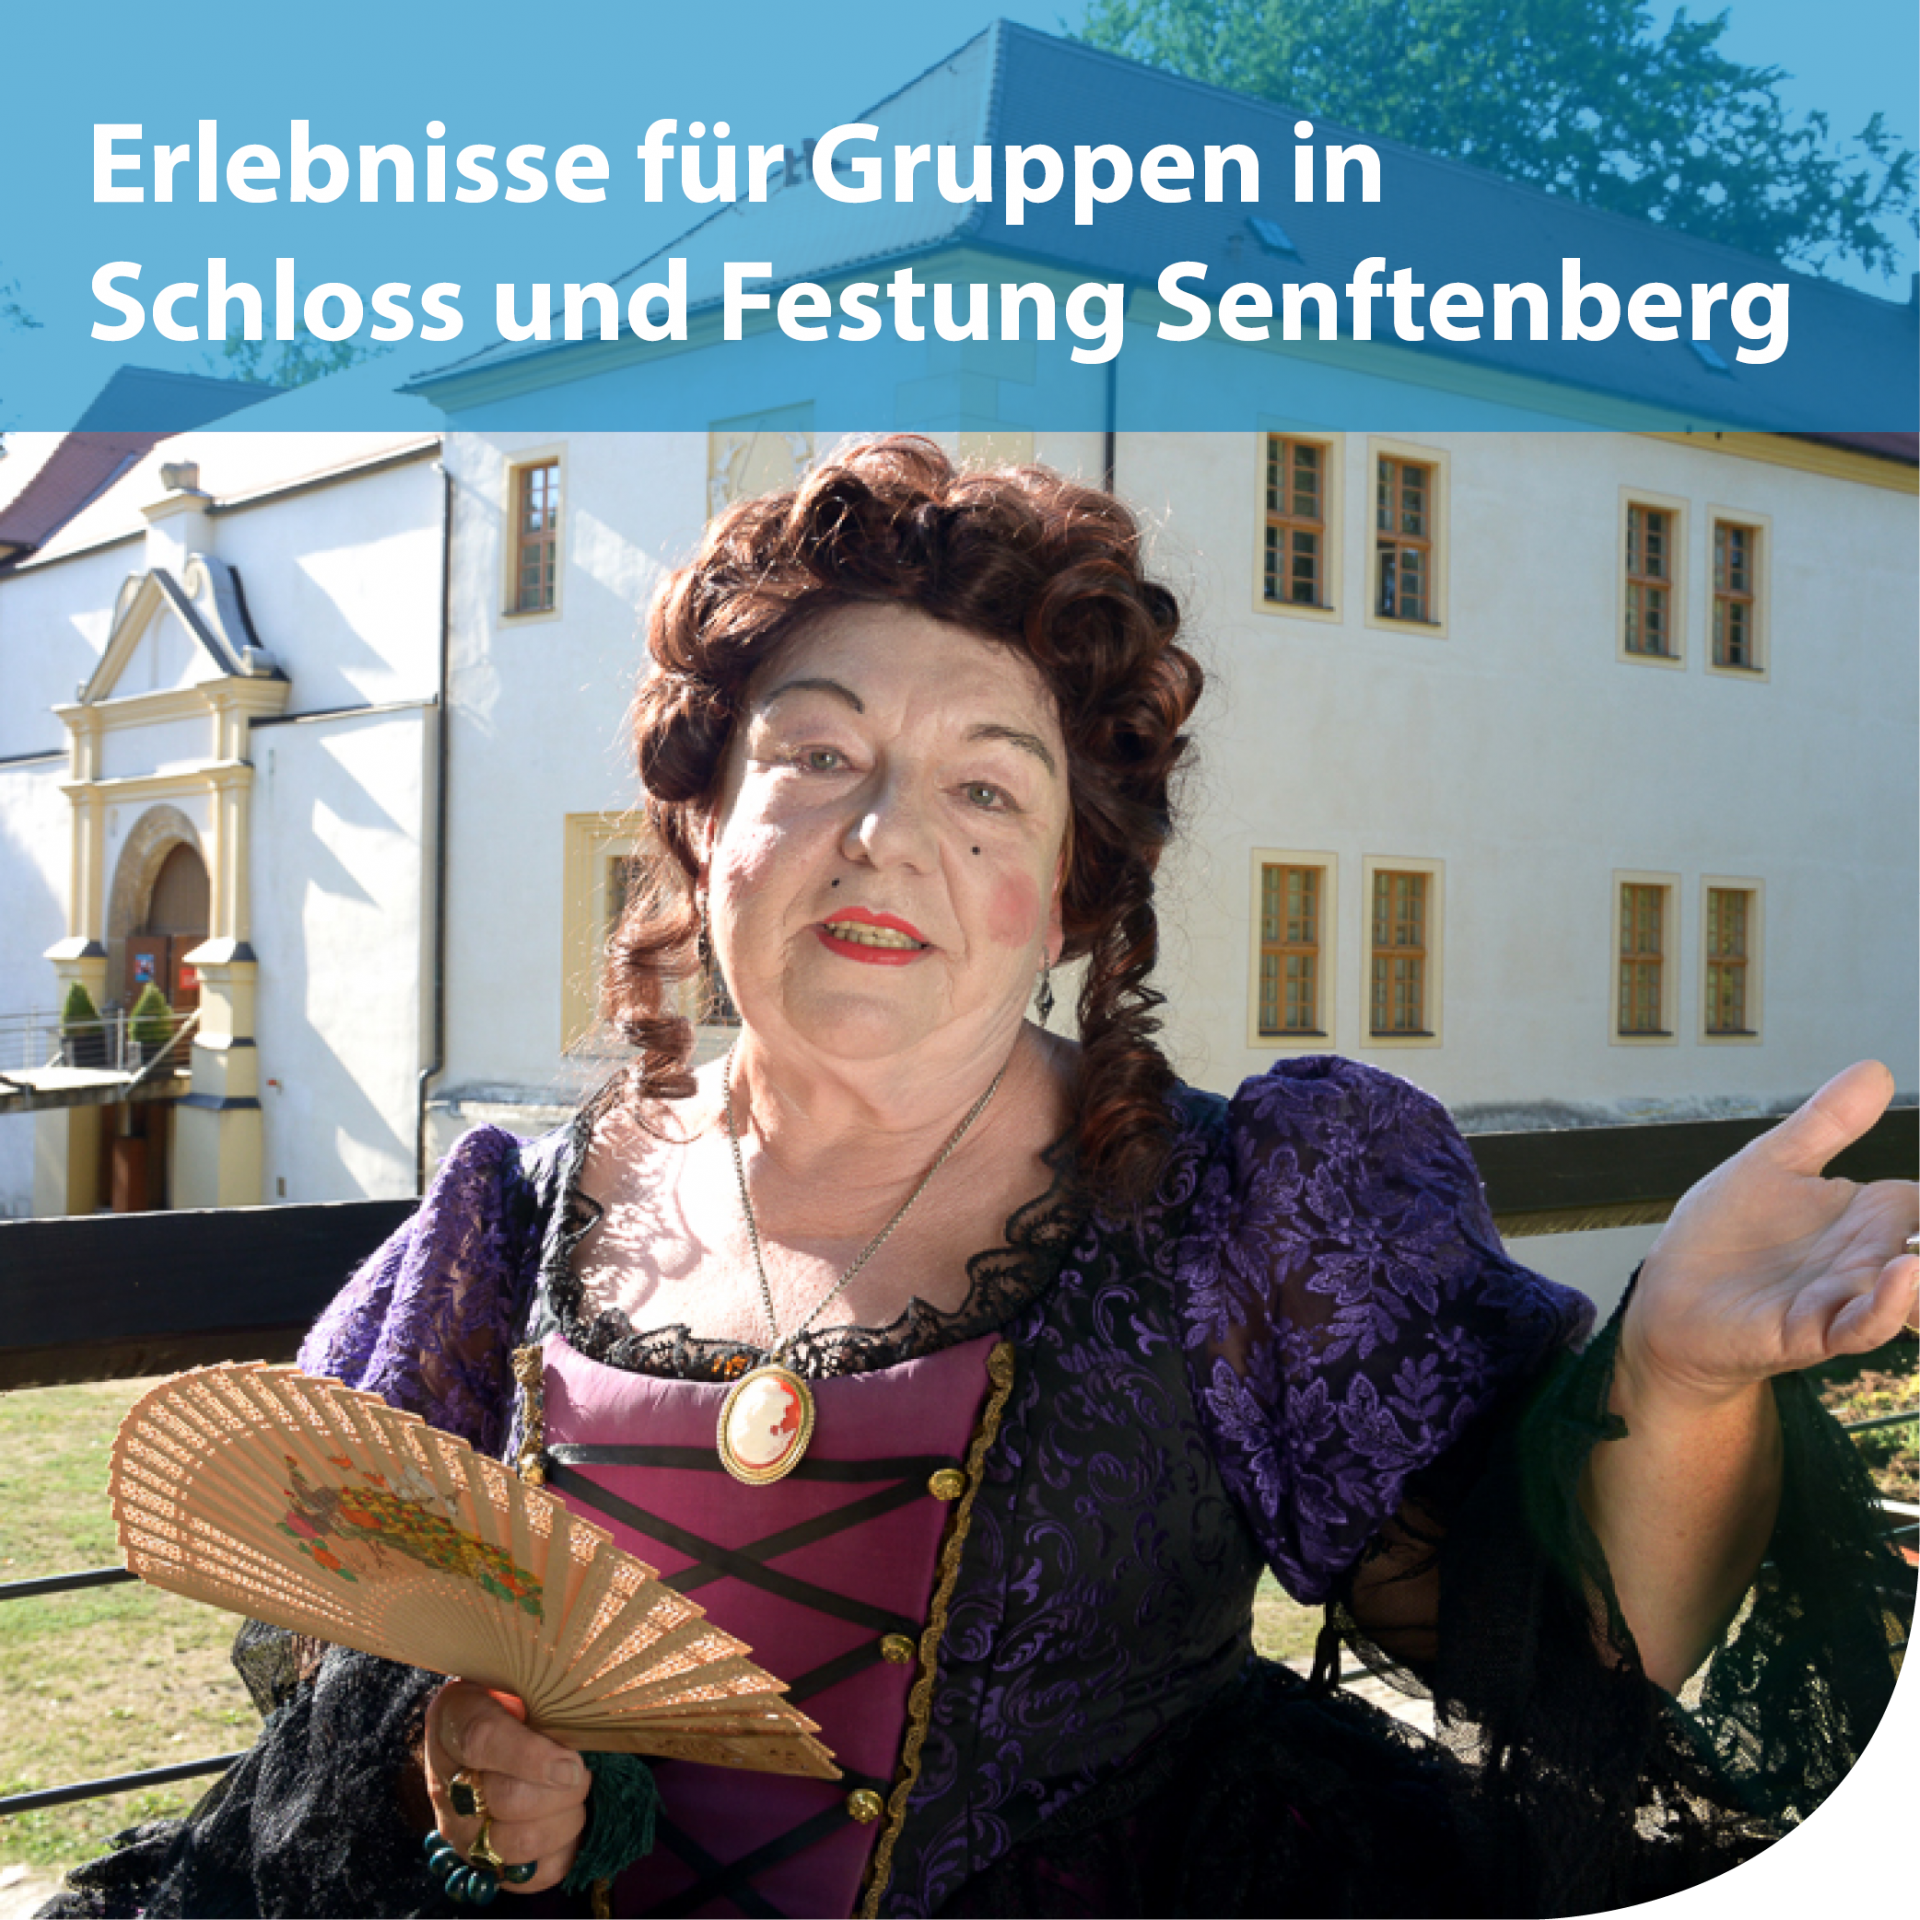 Erlebnisse für Reisegruppen in Schloss und Festung Senftenberg